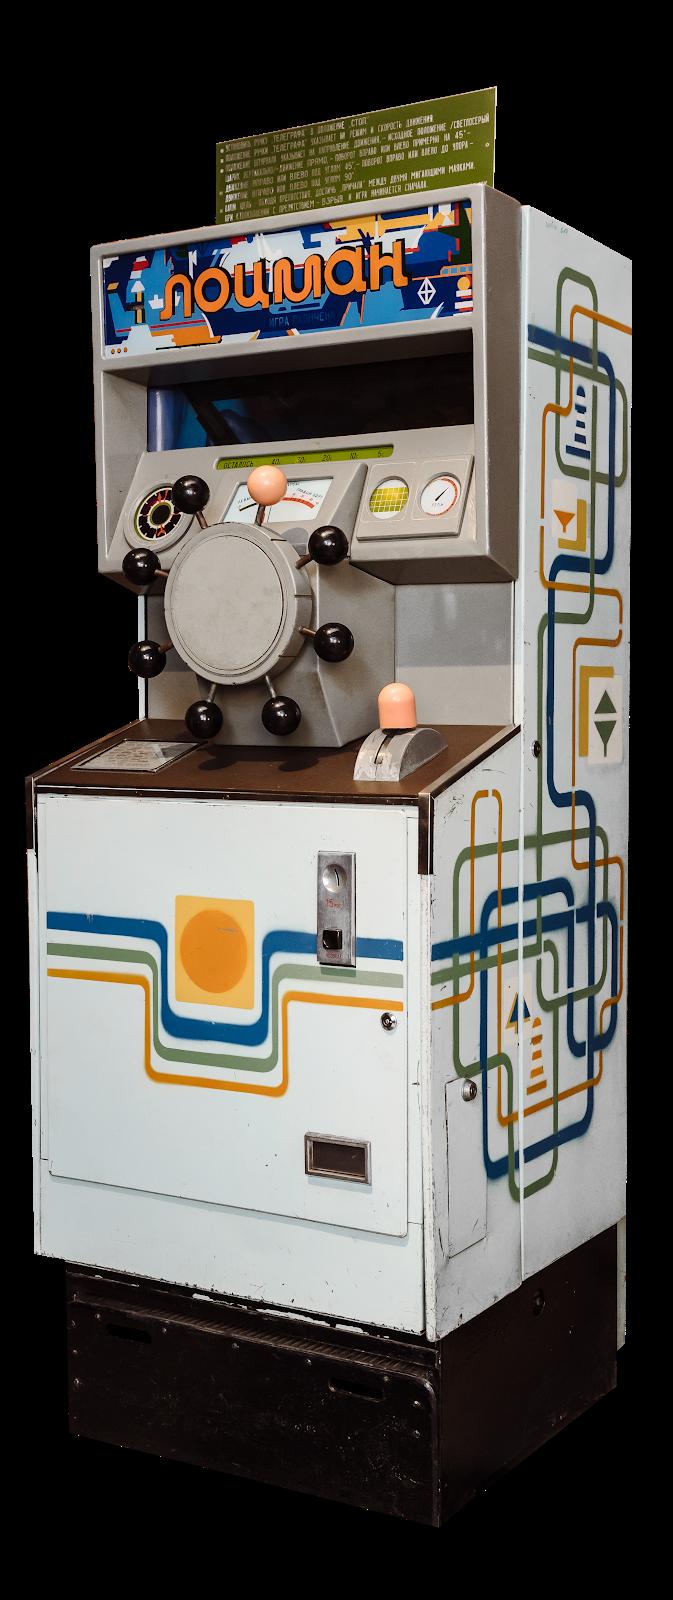 Автоматы игровые по тренироваться техасский покер с компьютером онлайн